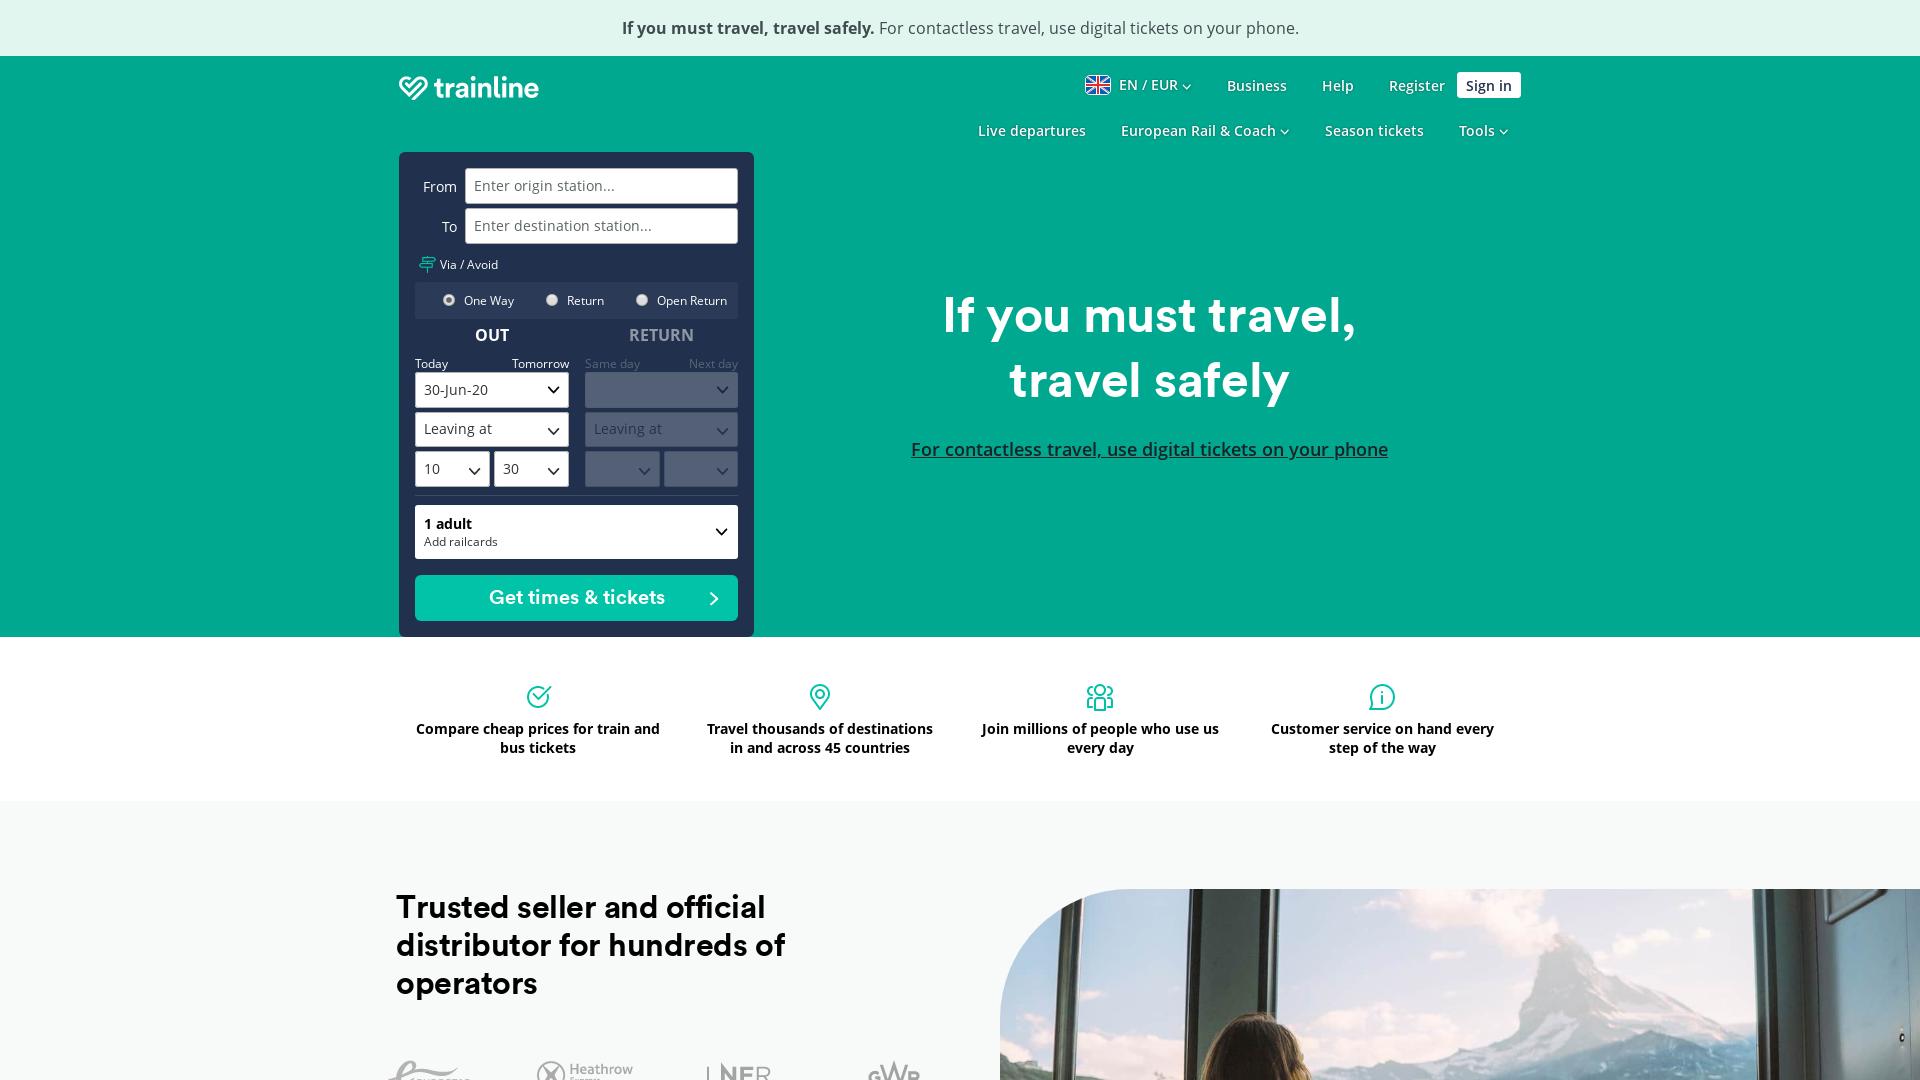 Trainline UK website